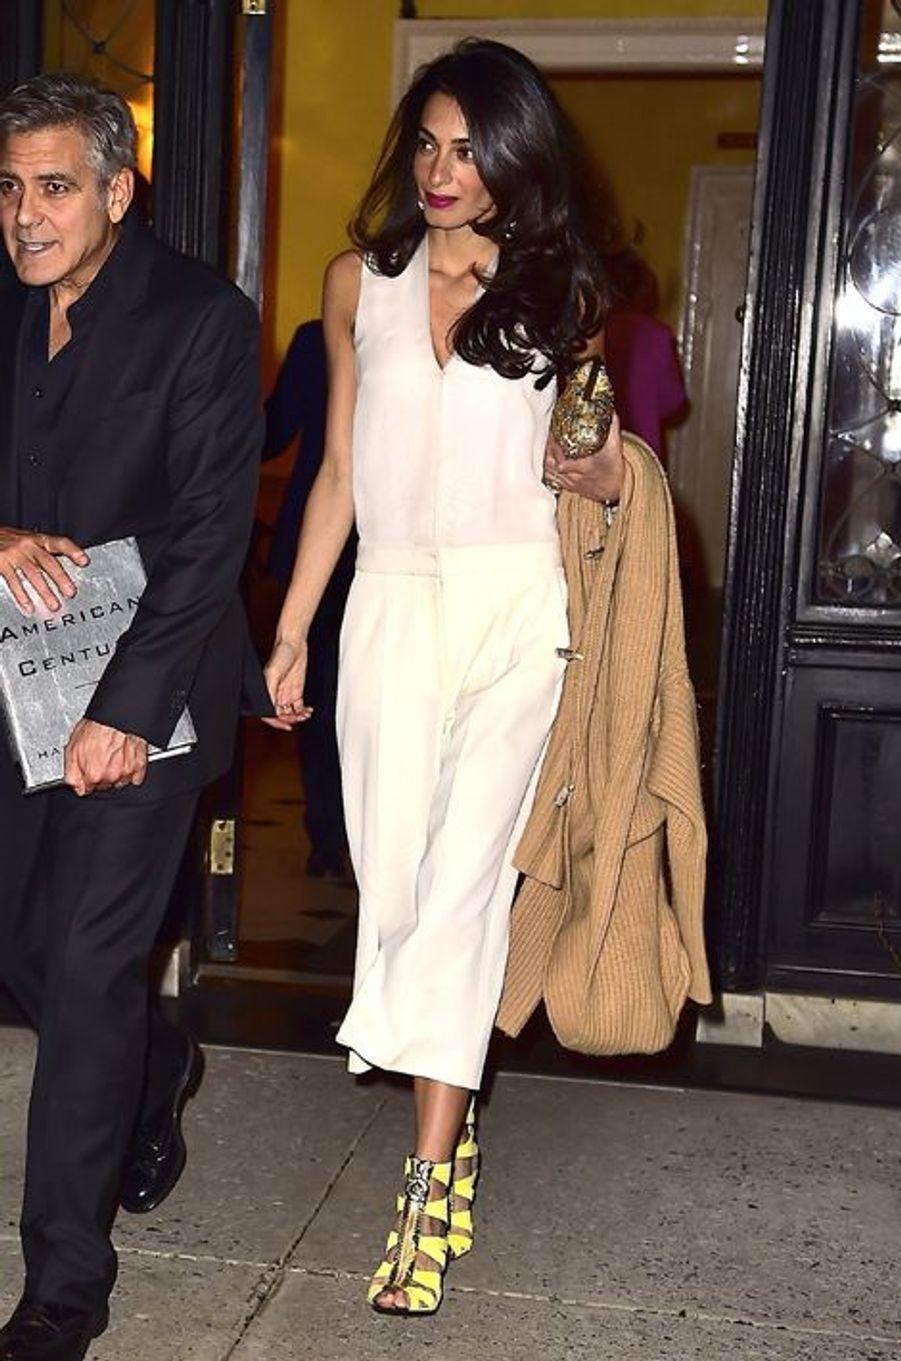 Look épuré pour Madame Clooney, qui avait opté ce jour-là pour une combinaison blanche de la griffe Stella McCartney (1.590 euros), une paire d'escarpins Versace (1.640 euros), une pochette Sarah's Bag (230 euros) et une paire de boucles d'oreilles Akong London (340 euros). Coût total du look : 3.800 euros.